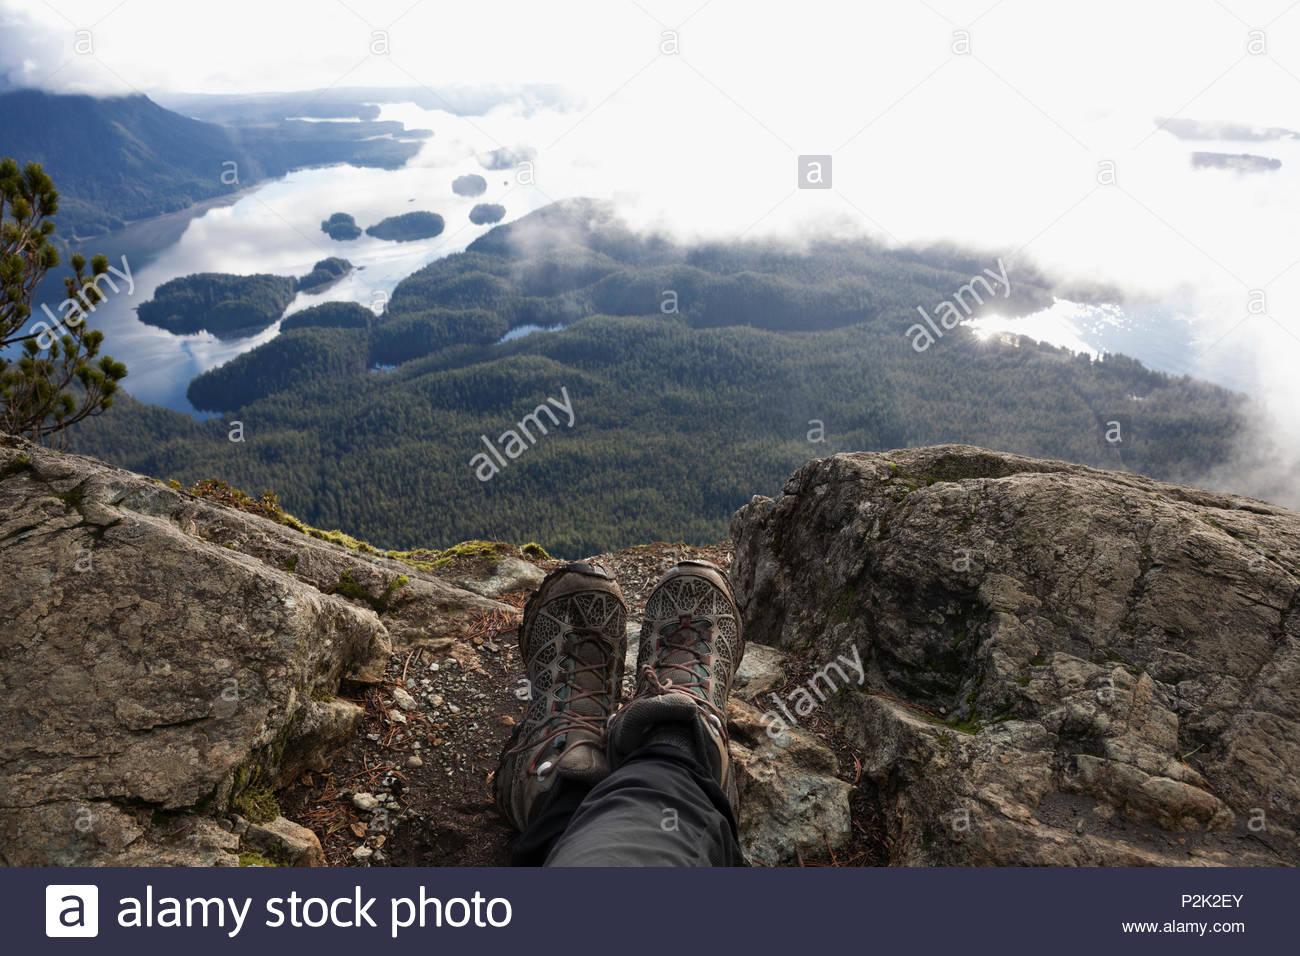 Point de vue personnel hiker resting, bénéficiant d'une vue panoramique Photo Stock